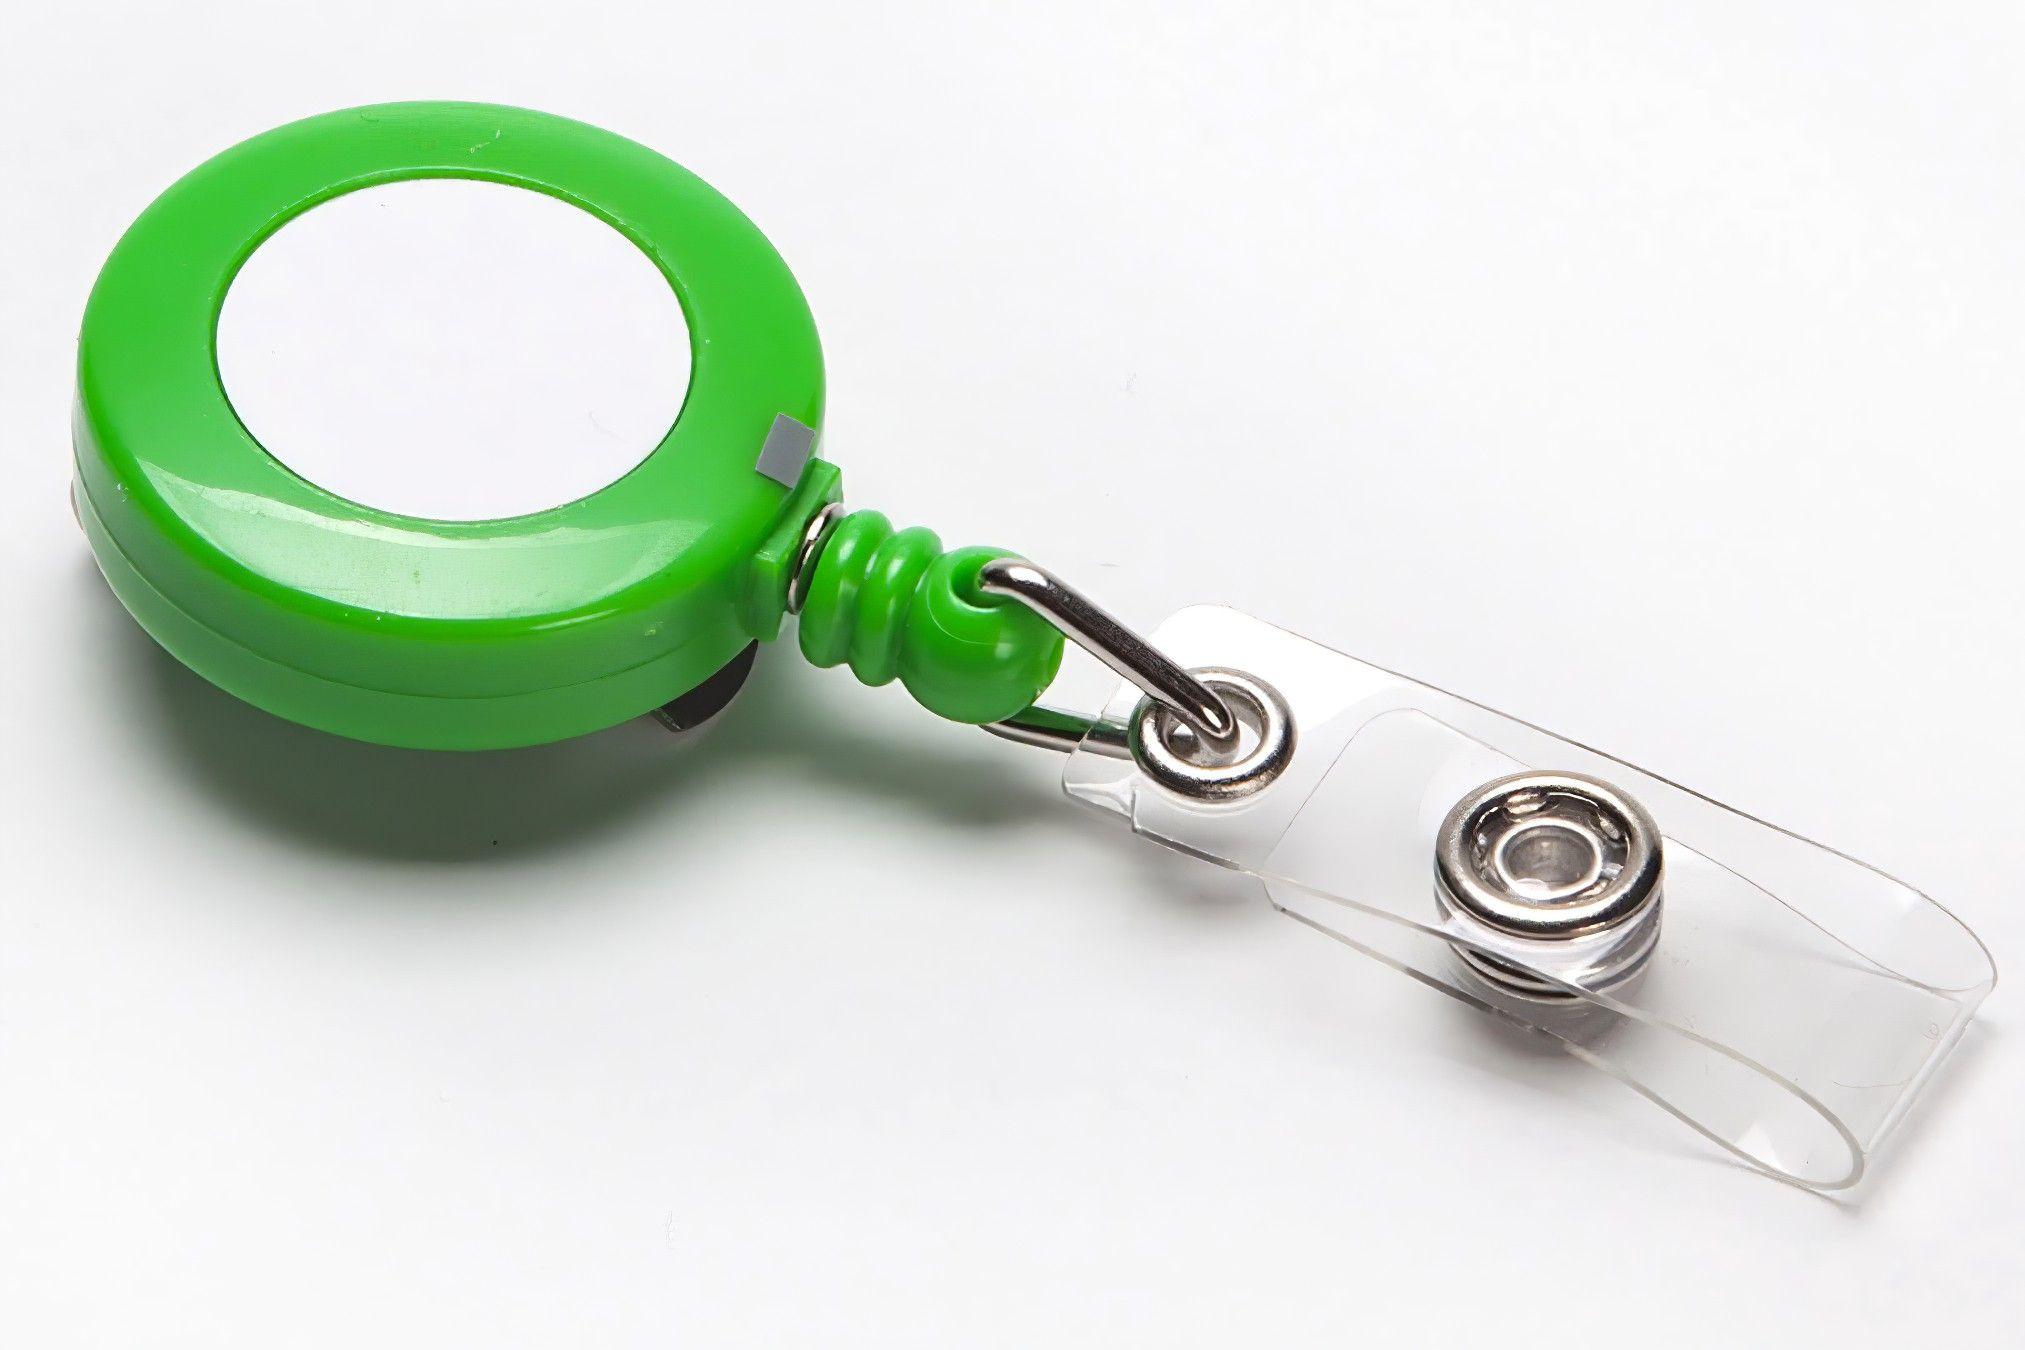 pinzas-retractiles-verde